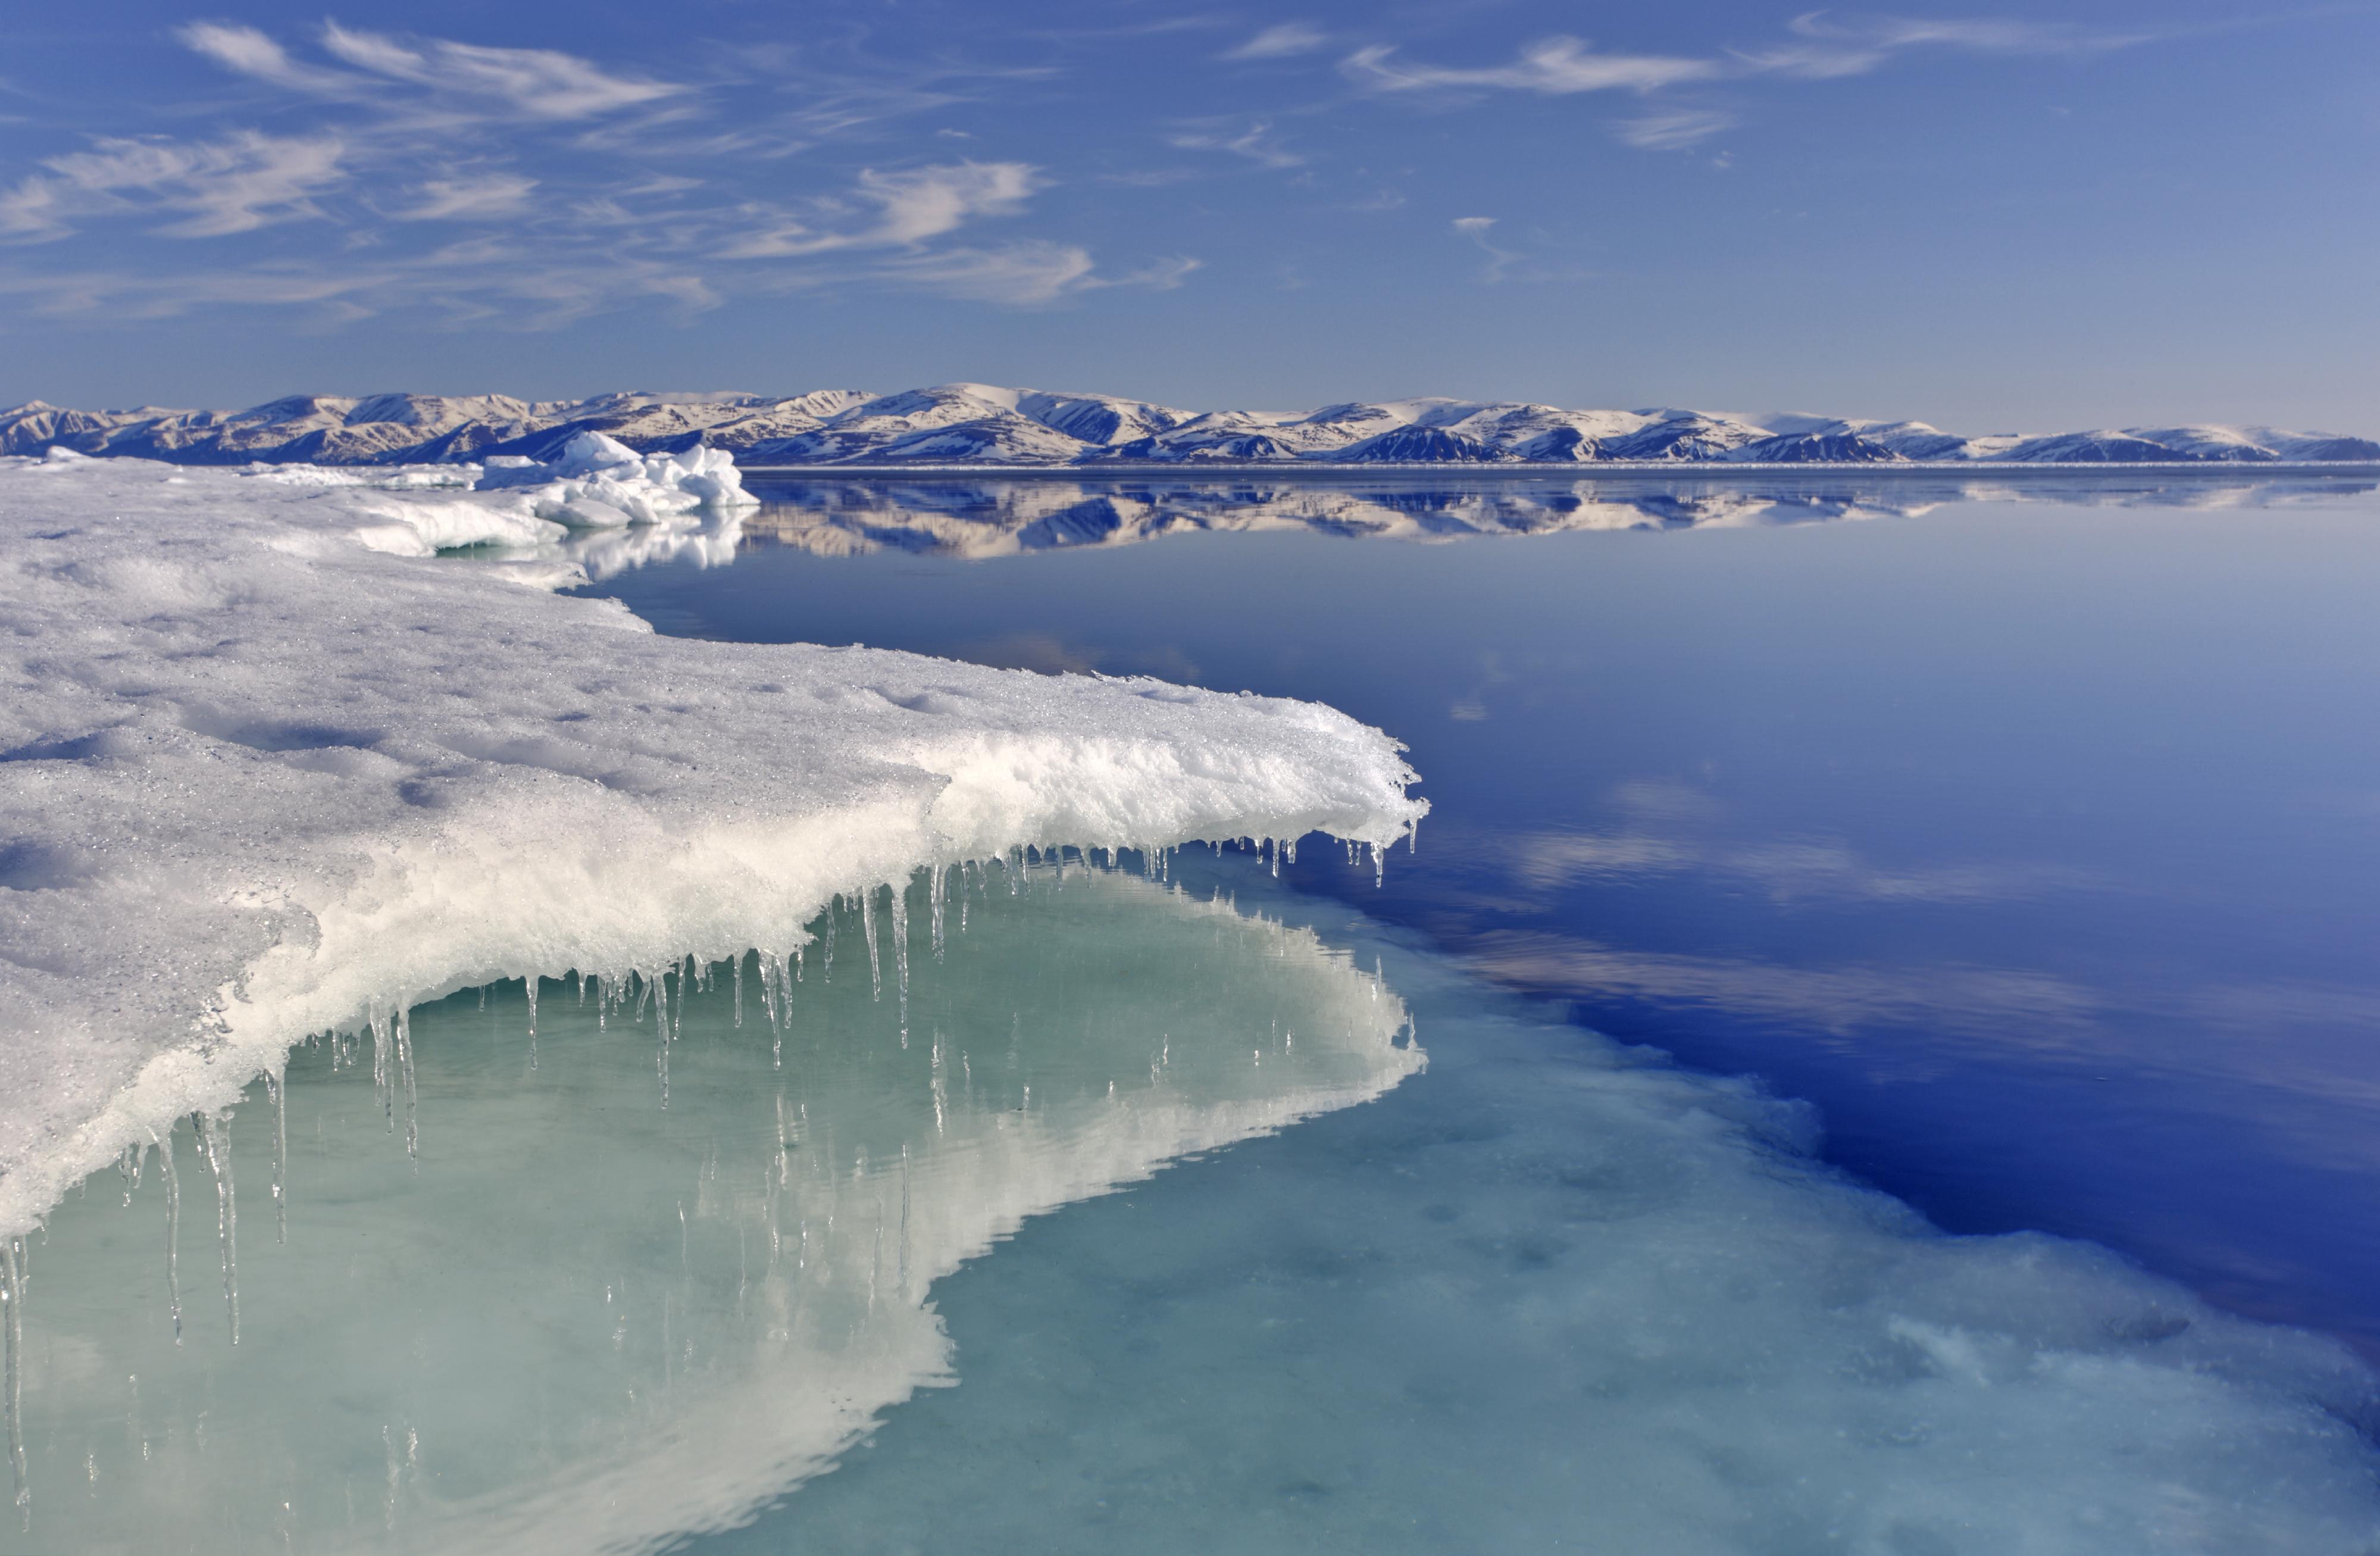 Nordamerika, Kanada, Nordkanada, Nunavut, Baffin Island, Eclipse Sound, Pond Inlet, Juni 2010 Eiskante, Packeis, Bylot Island